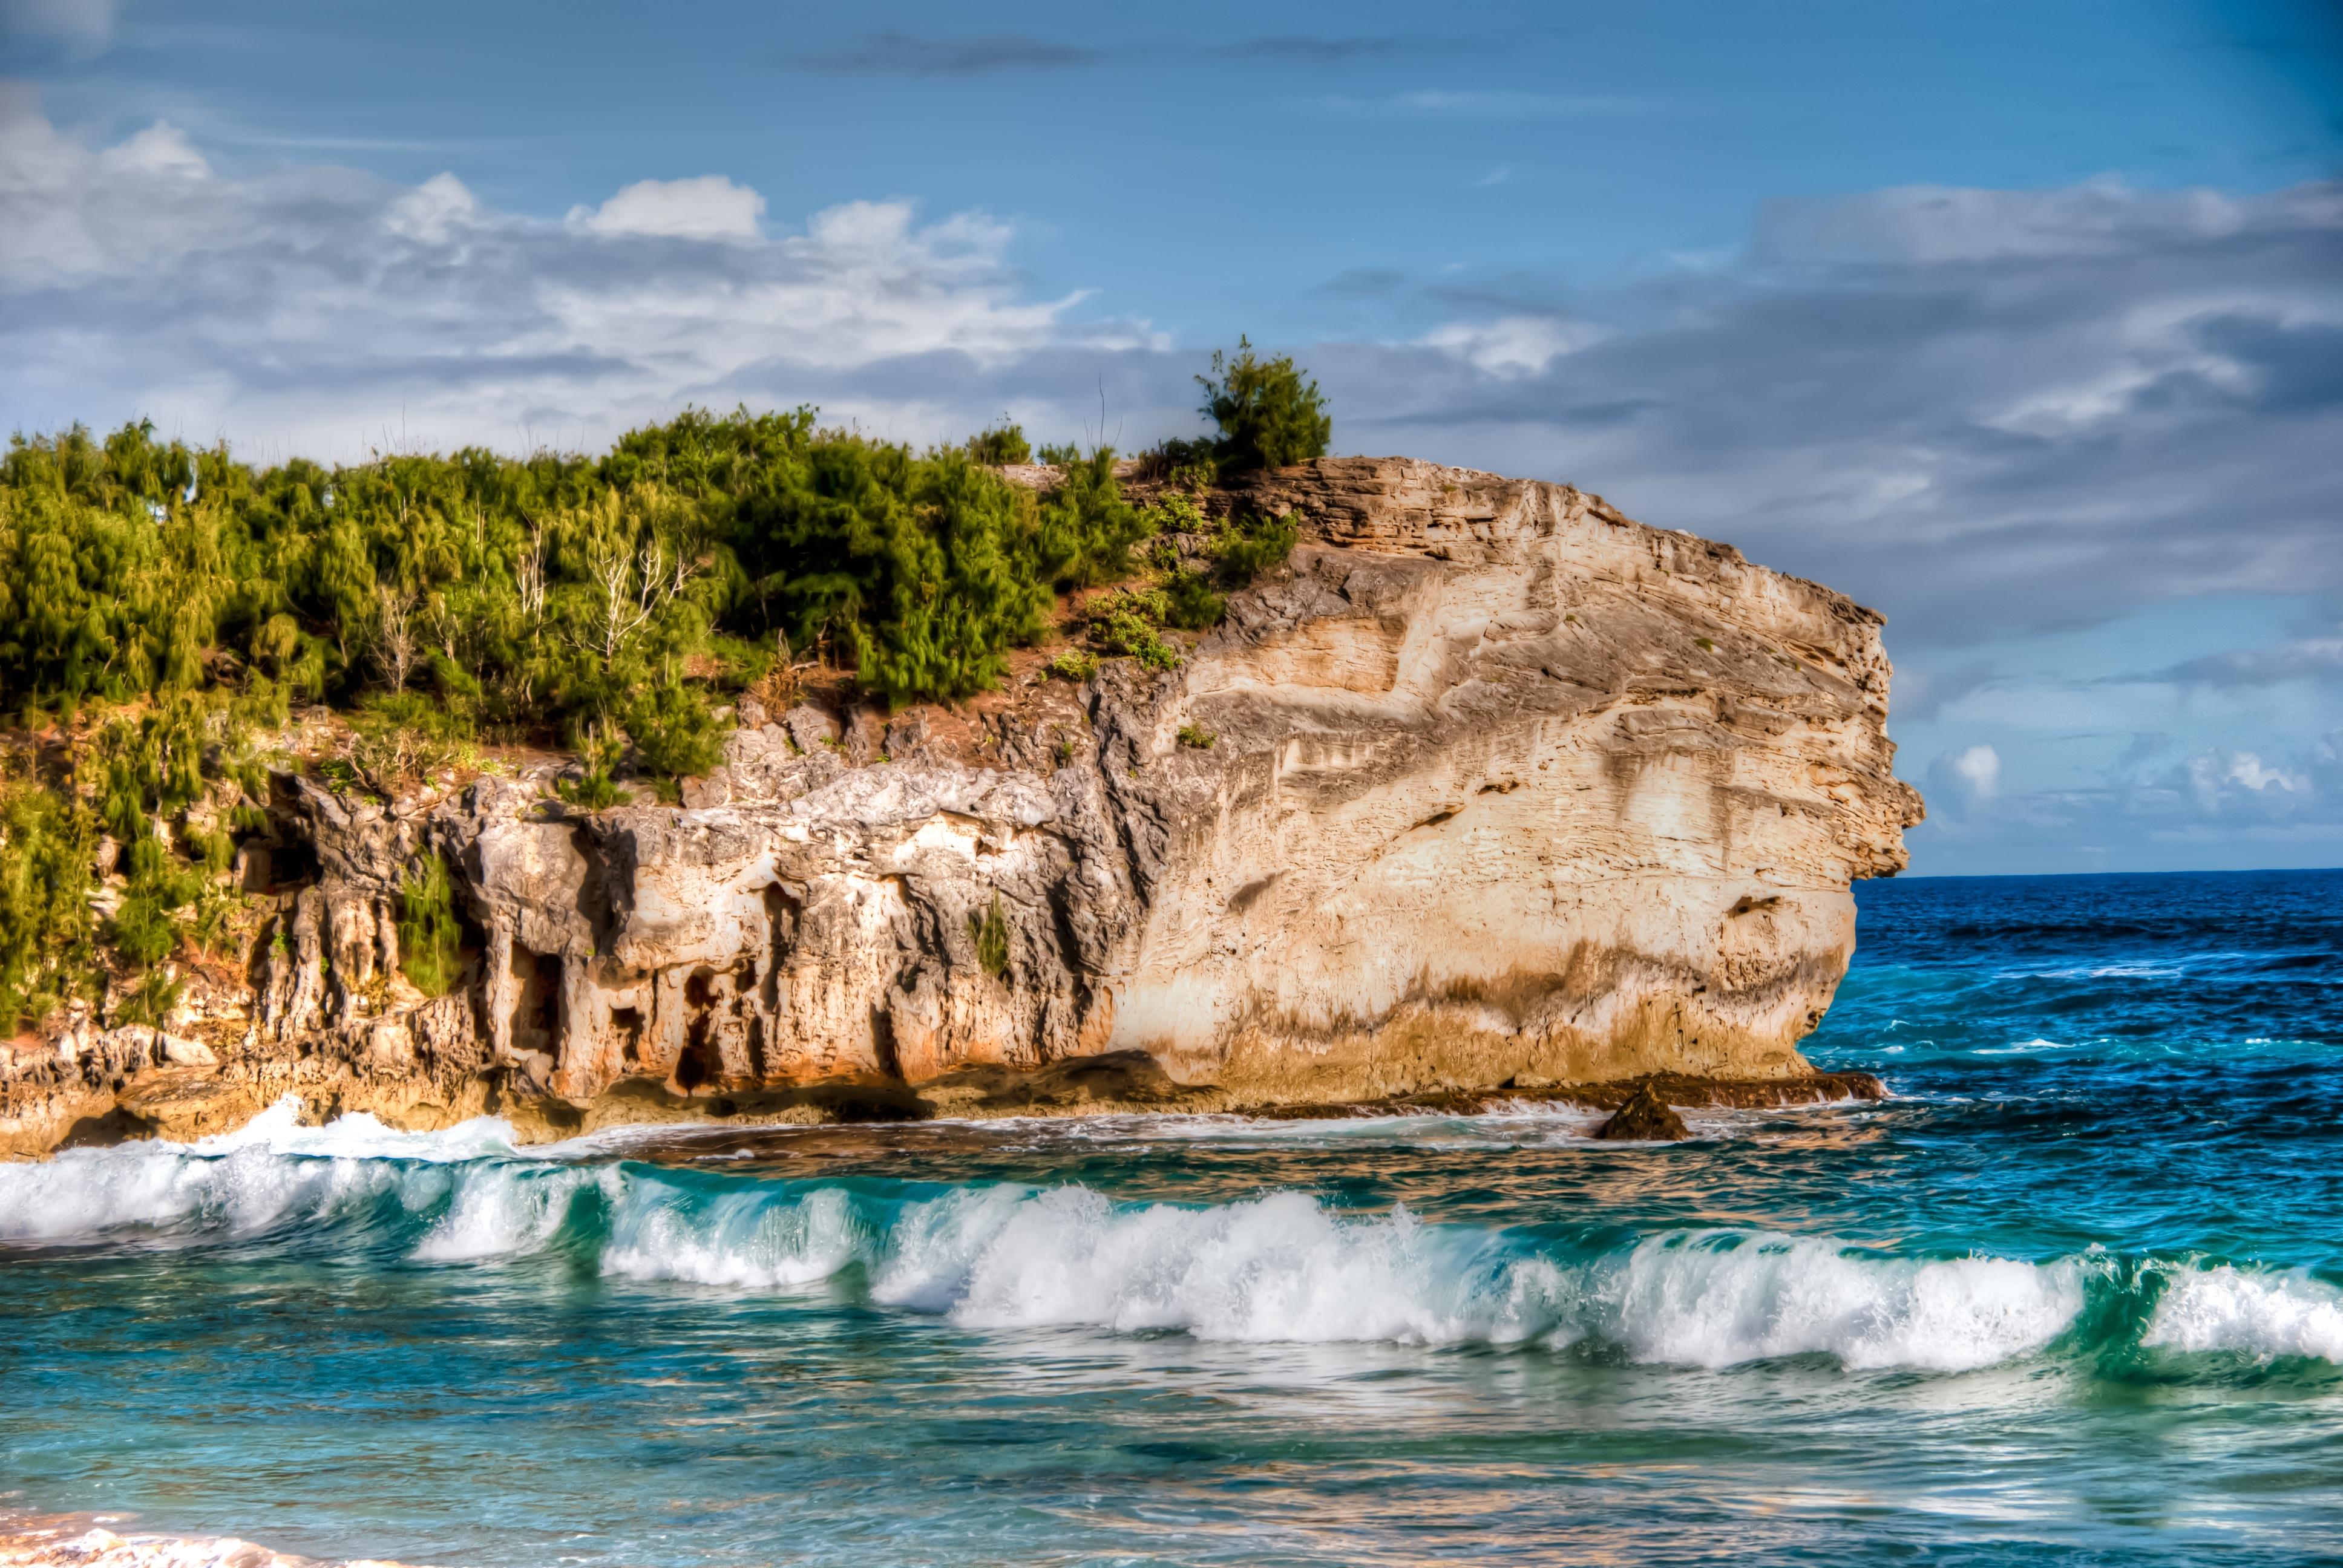 93330 завантажити шпалери Природа, Море, Пляж, Скала, Скеля, Прибій, Пошуку - заставки і картинки безкоштовно